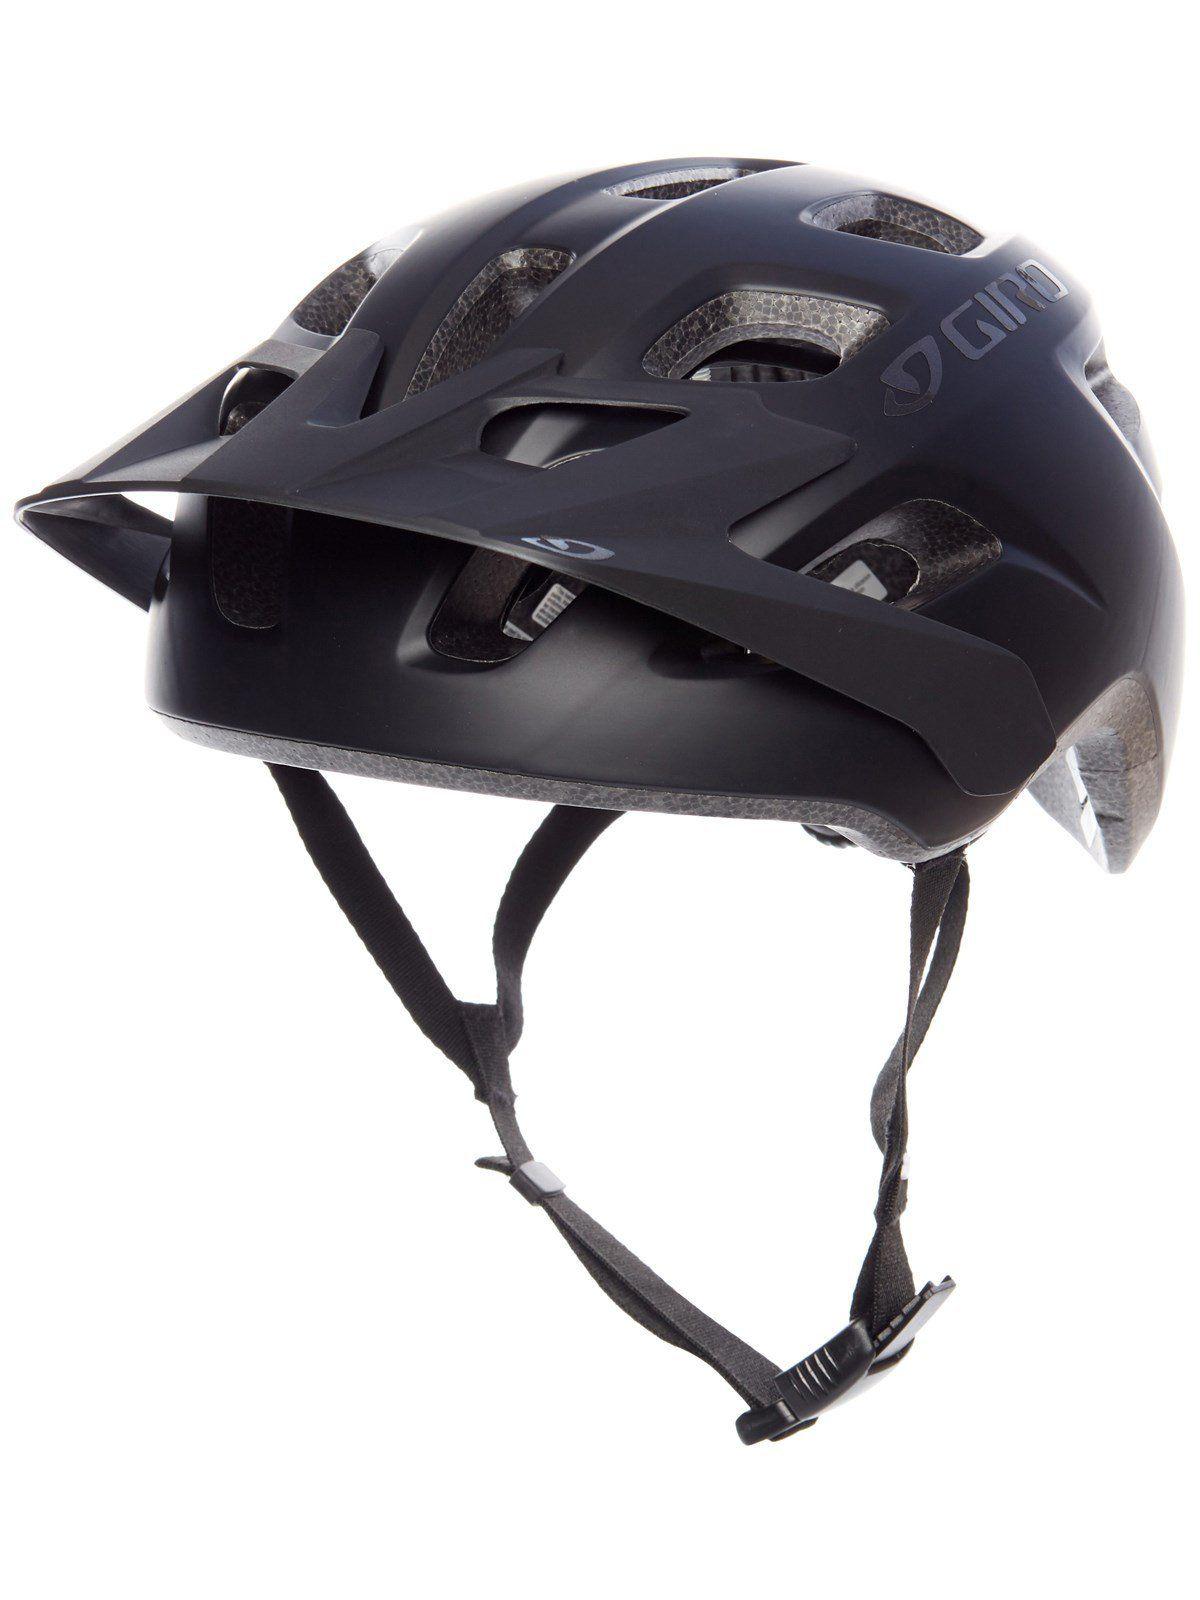 Capacete Giro Compound GG  58-65cm MTB Speed Bike - Preto